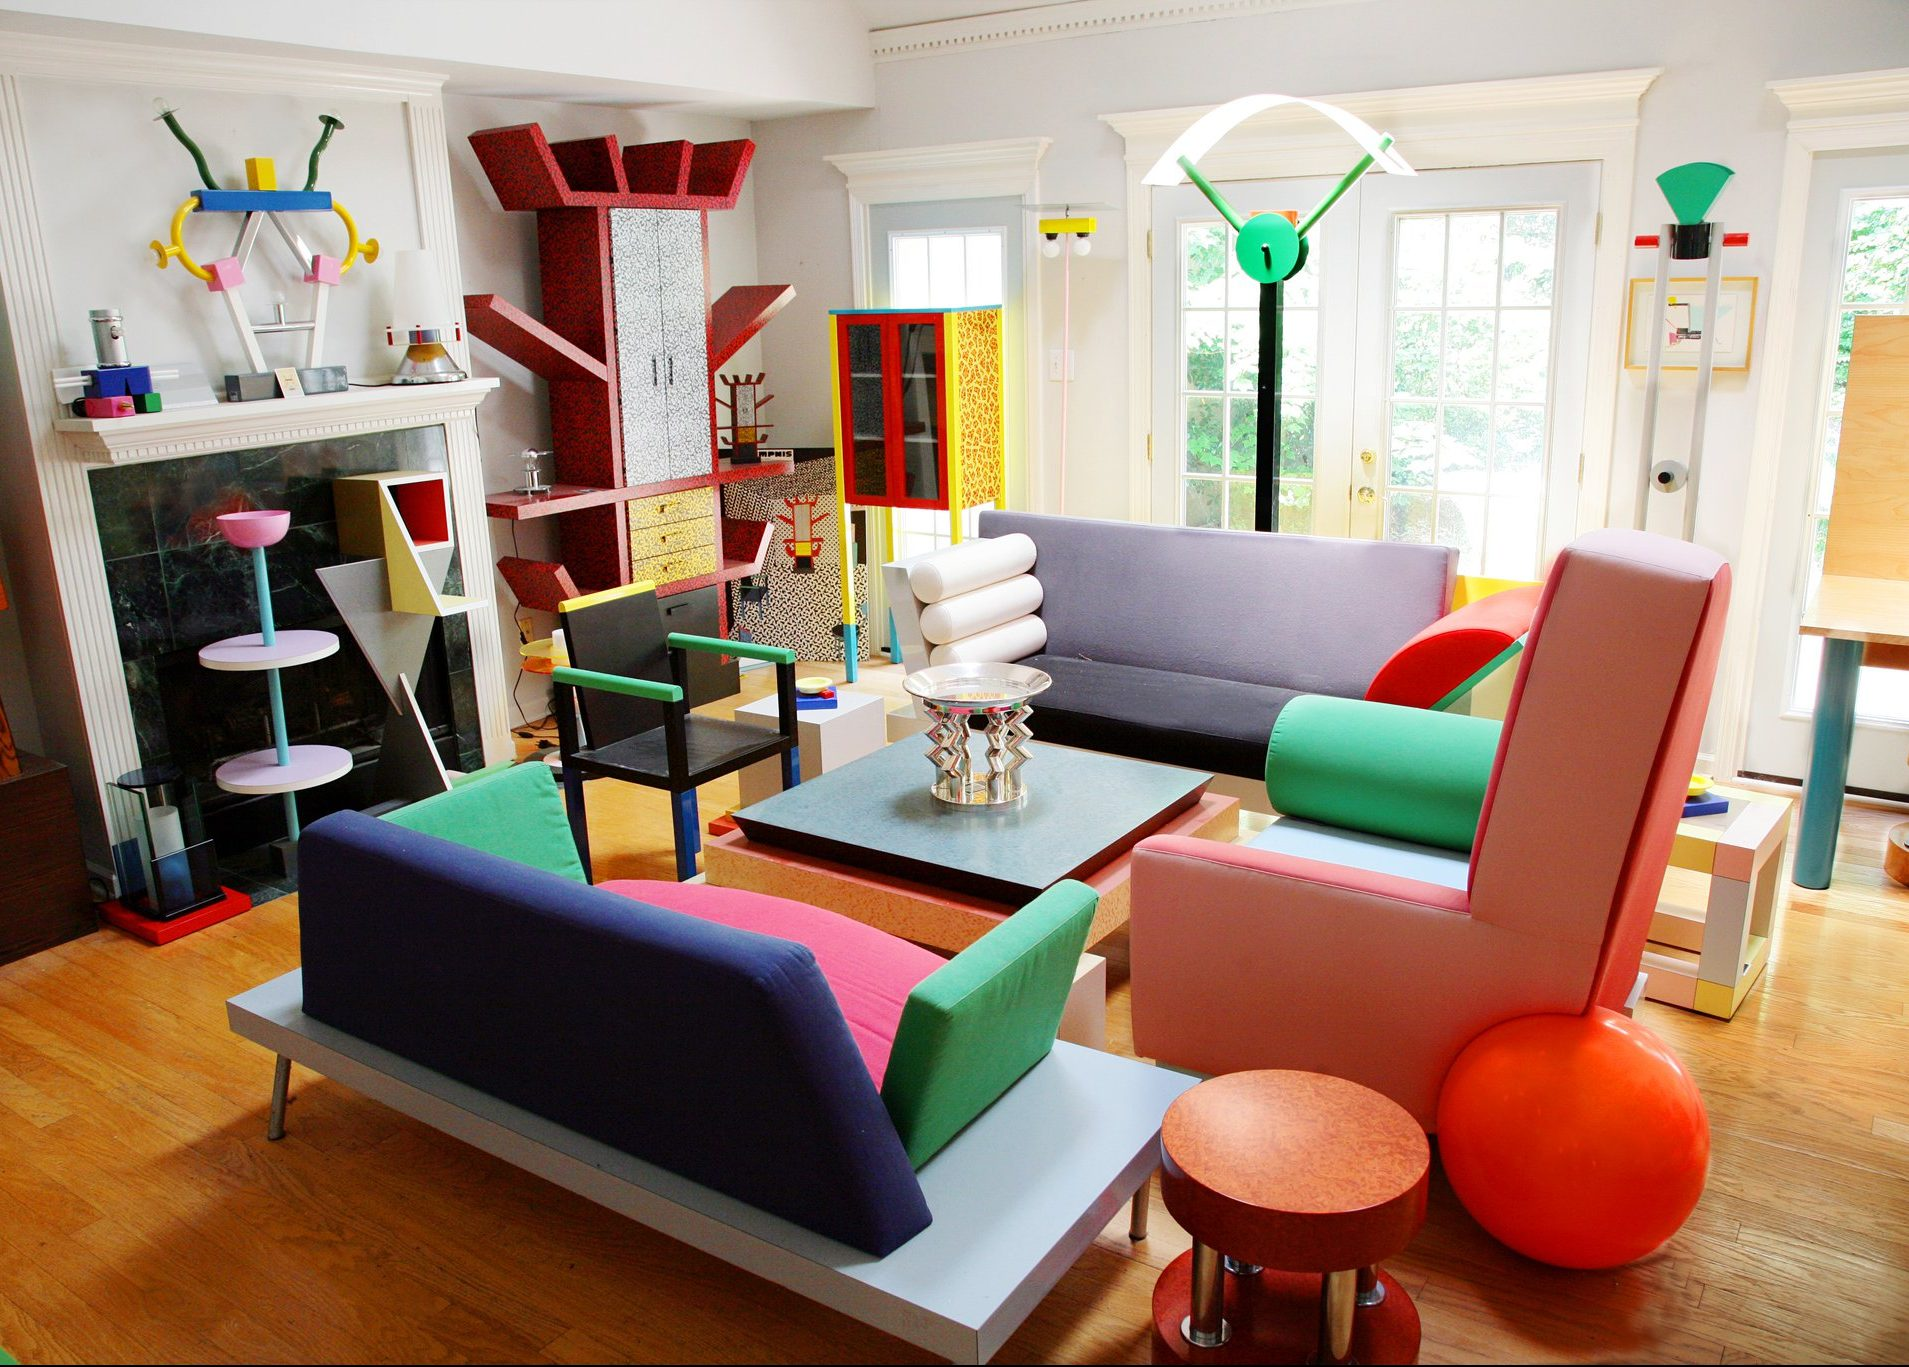 tendance memphis design dcoration intrieur color histoire